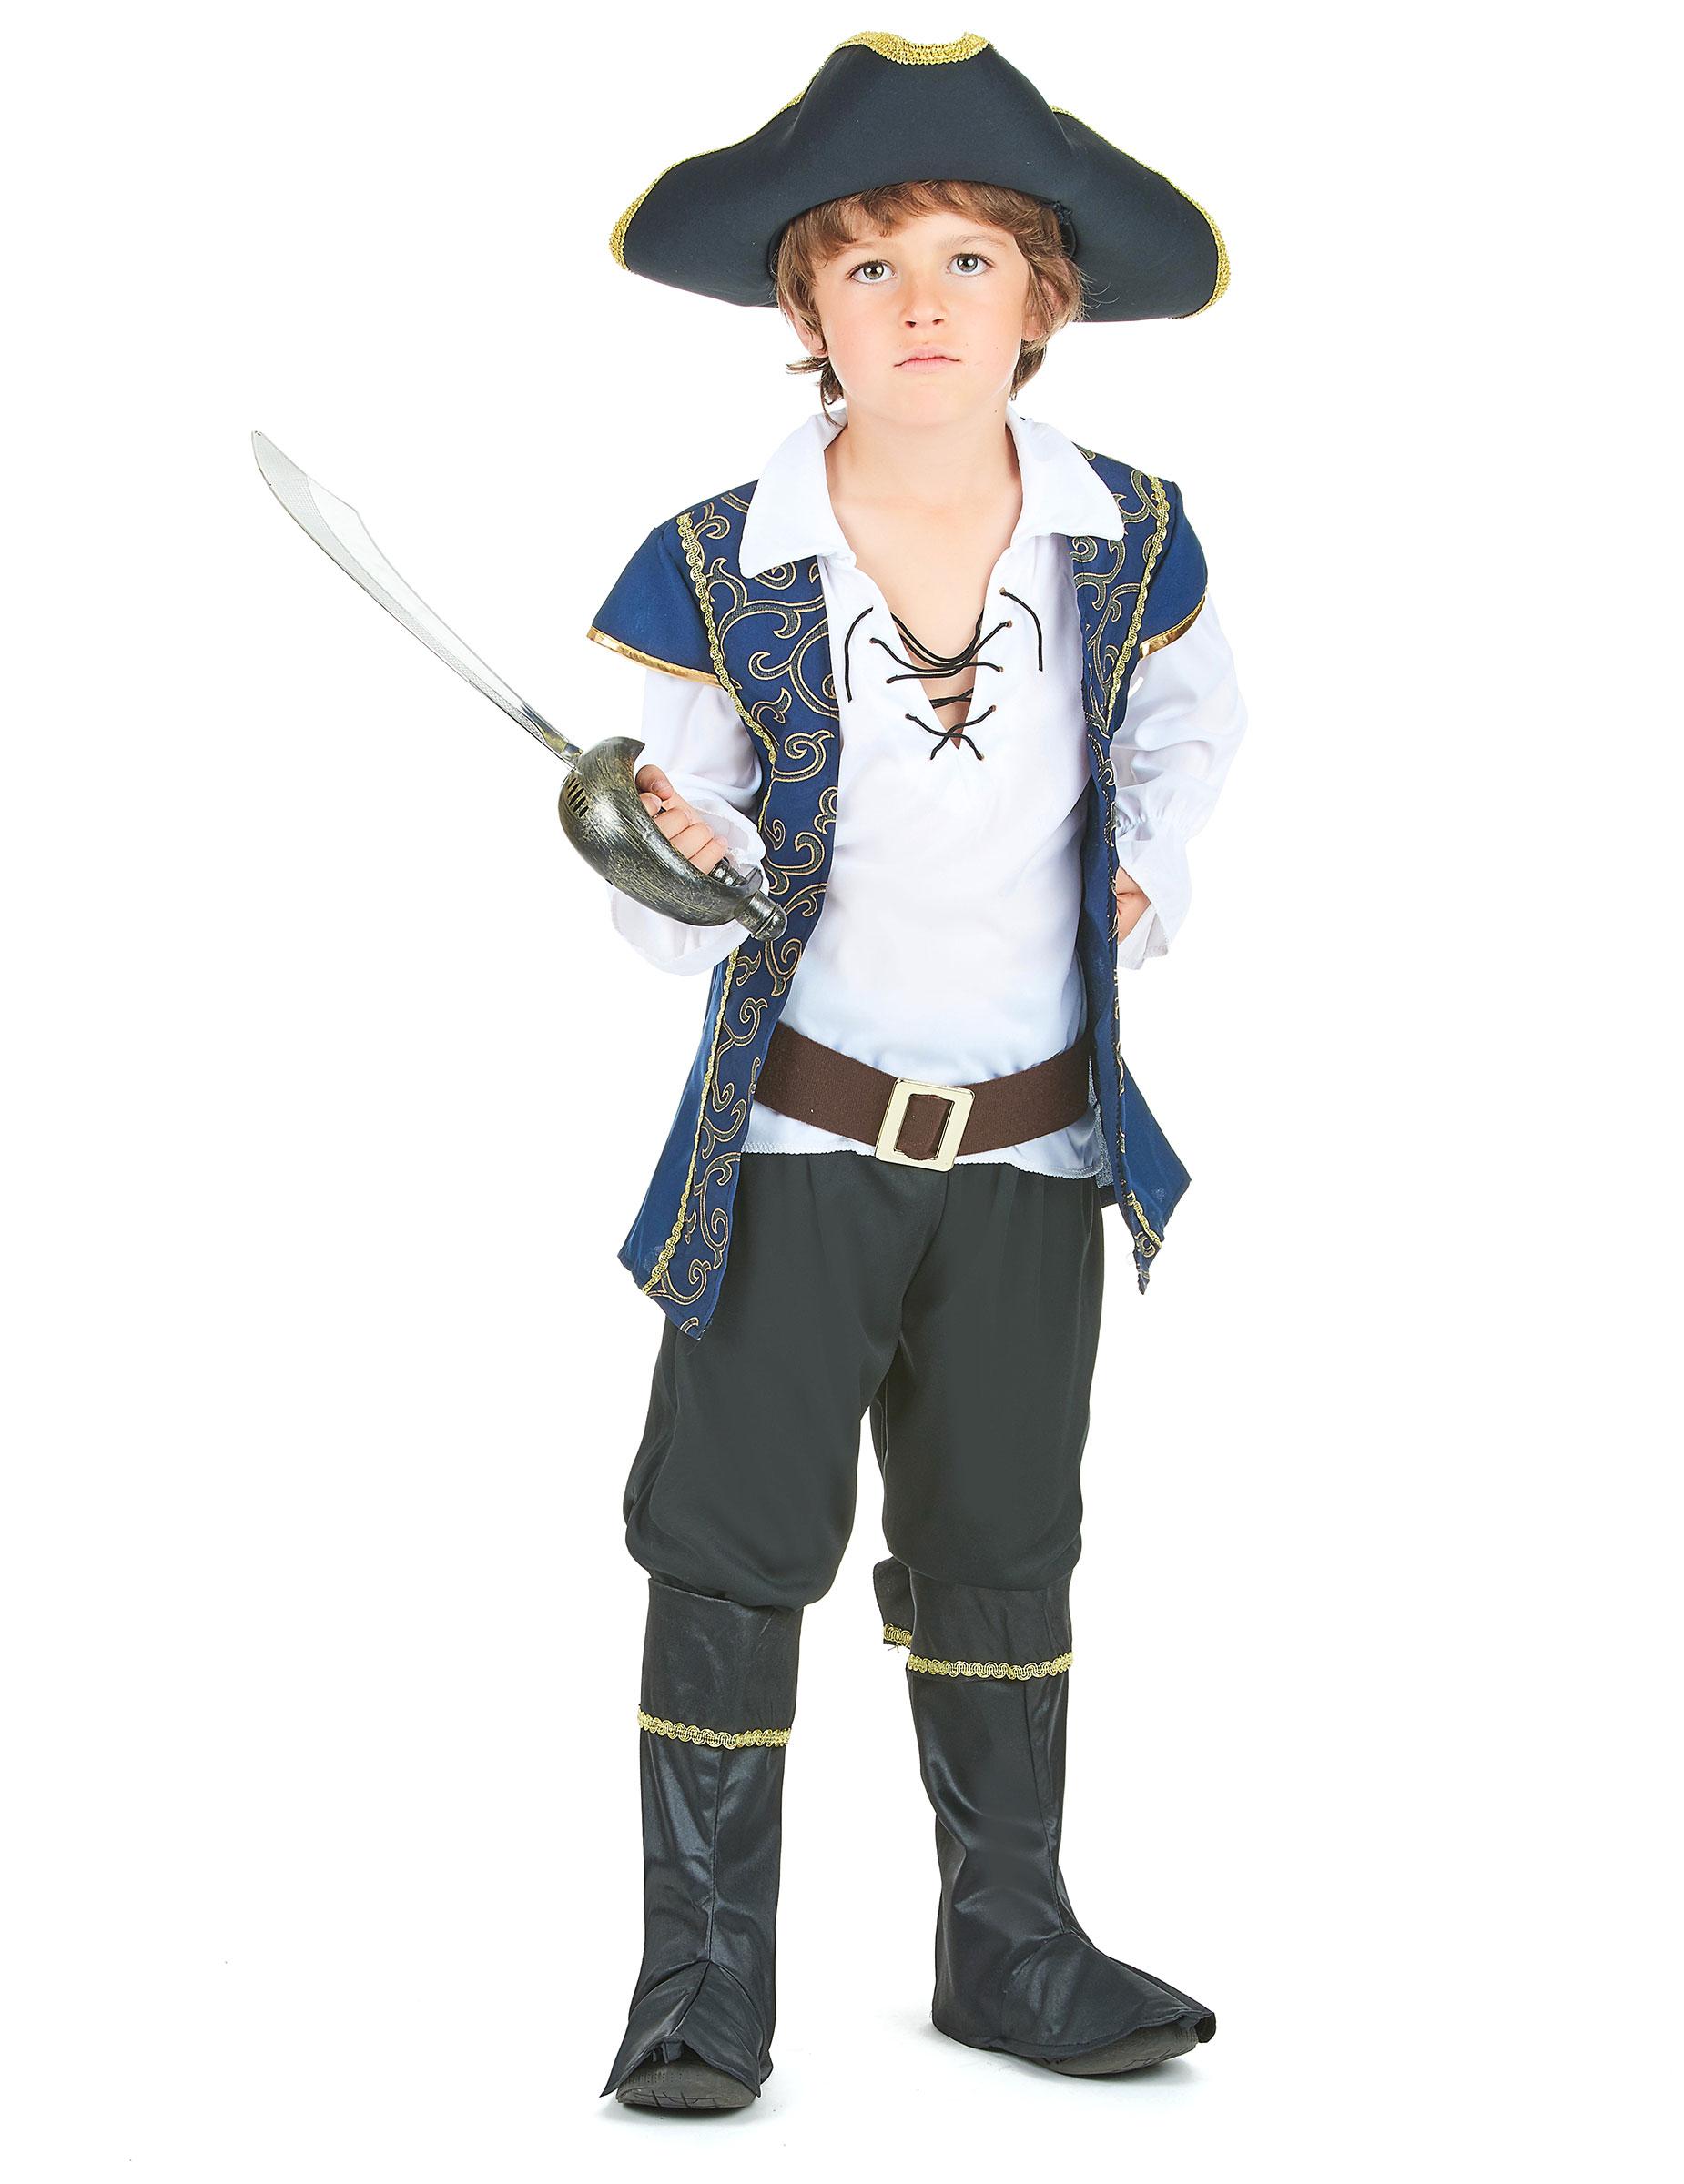 Bambini Vestiti E BambinoCostumi Di Blue Pirata e Costume Oro Per 54RqcAjL3